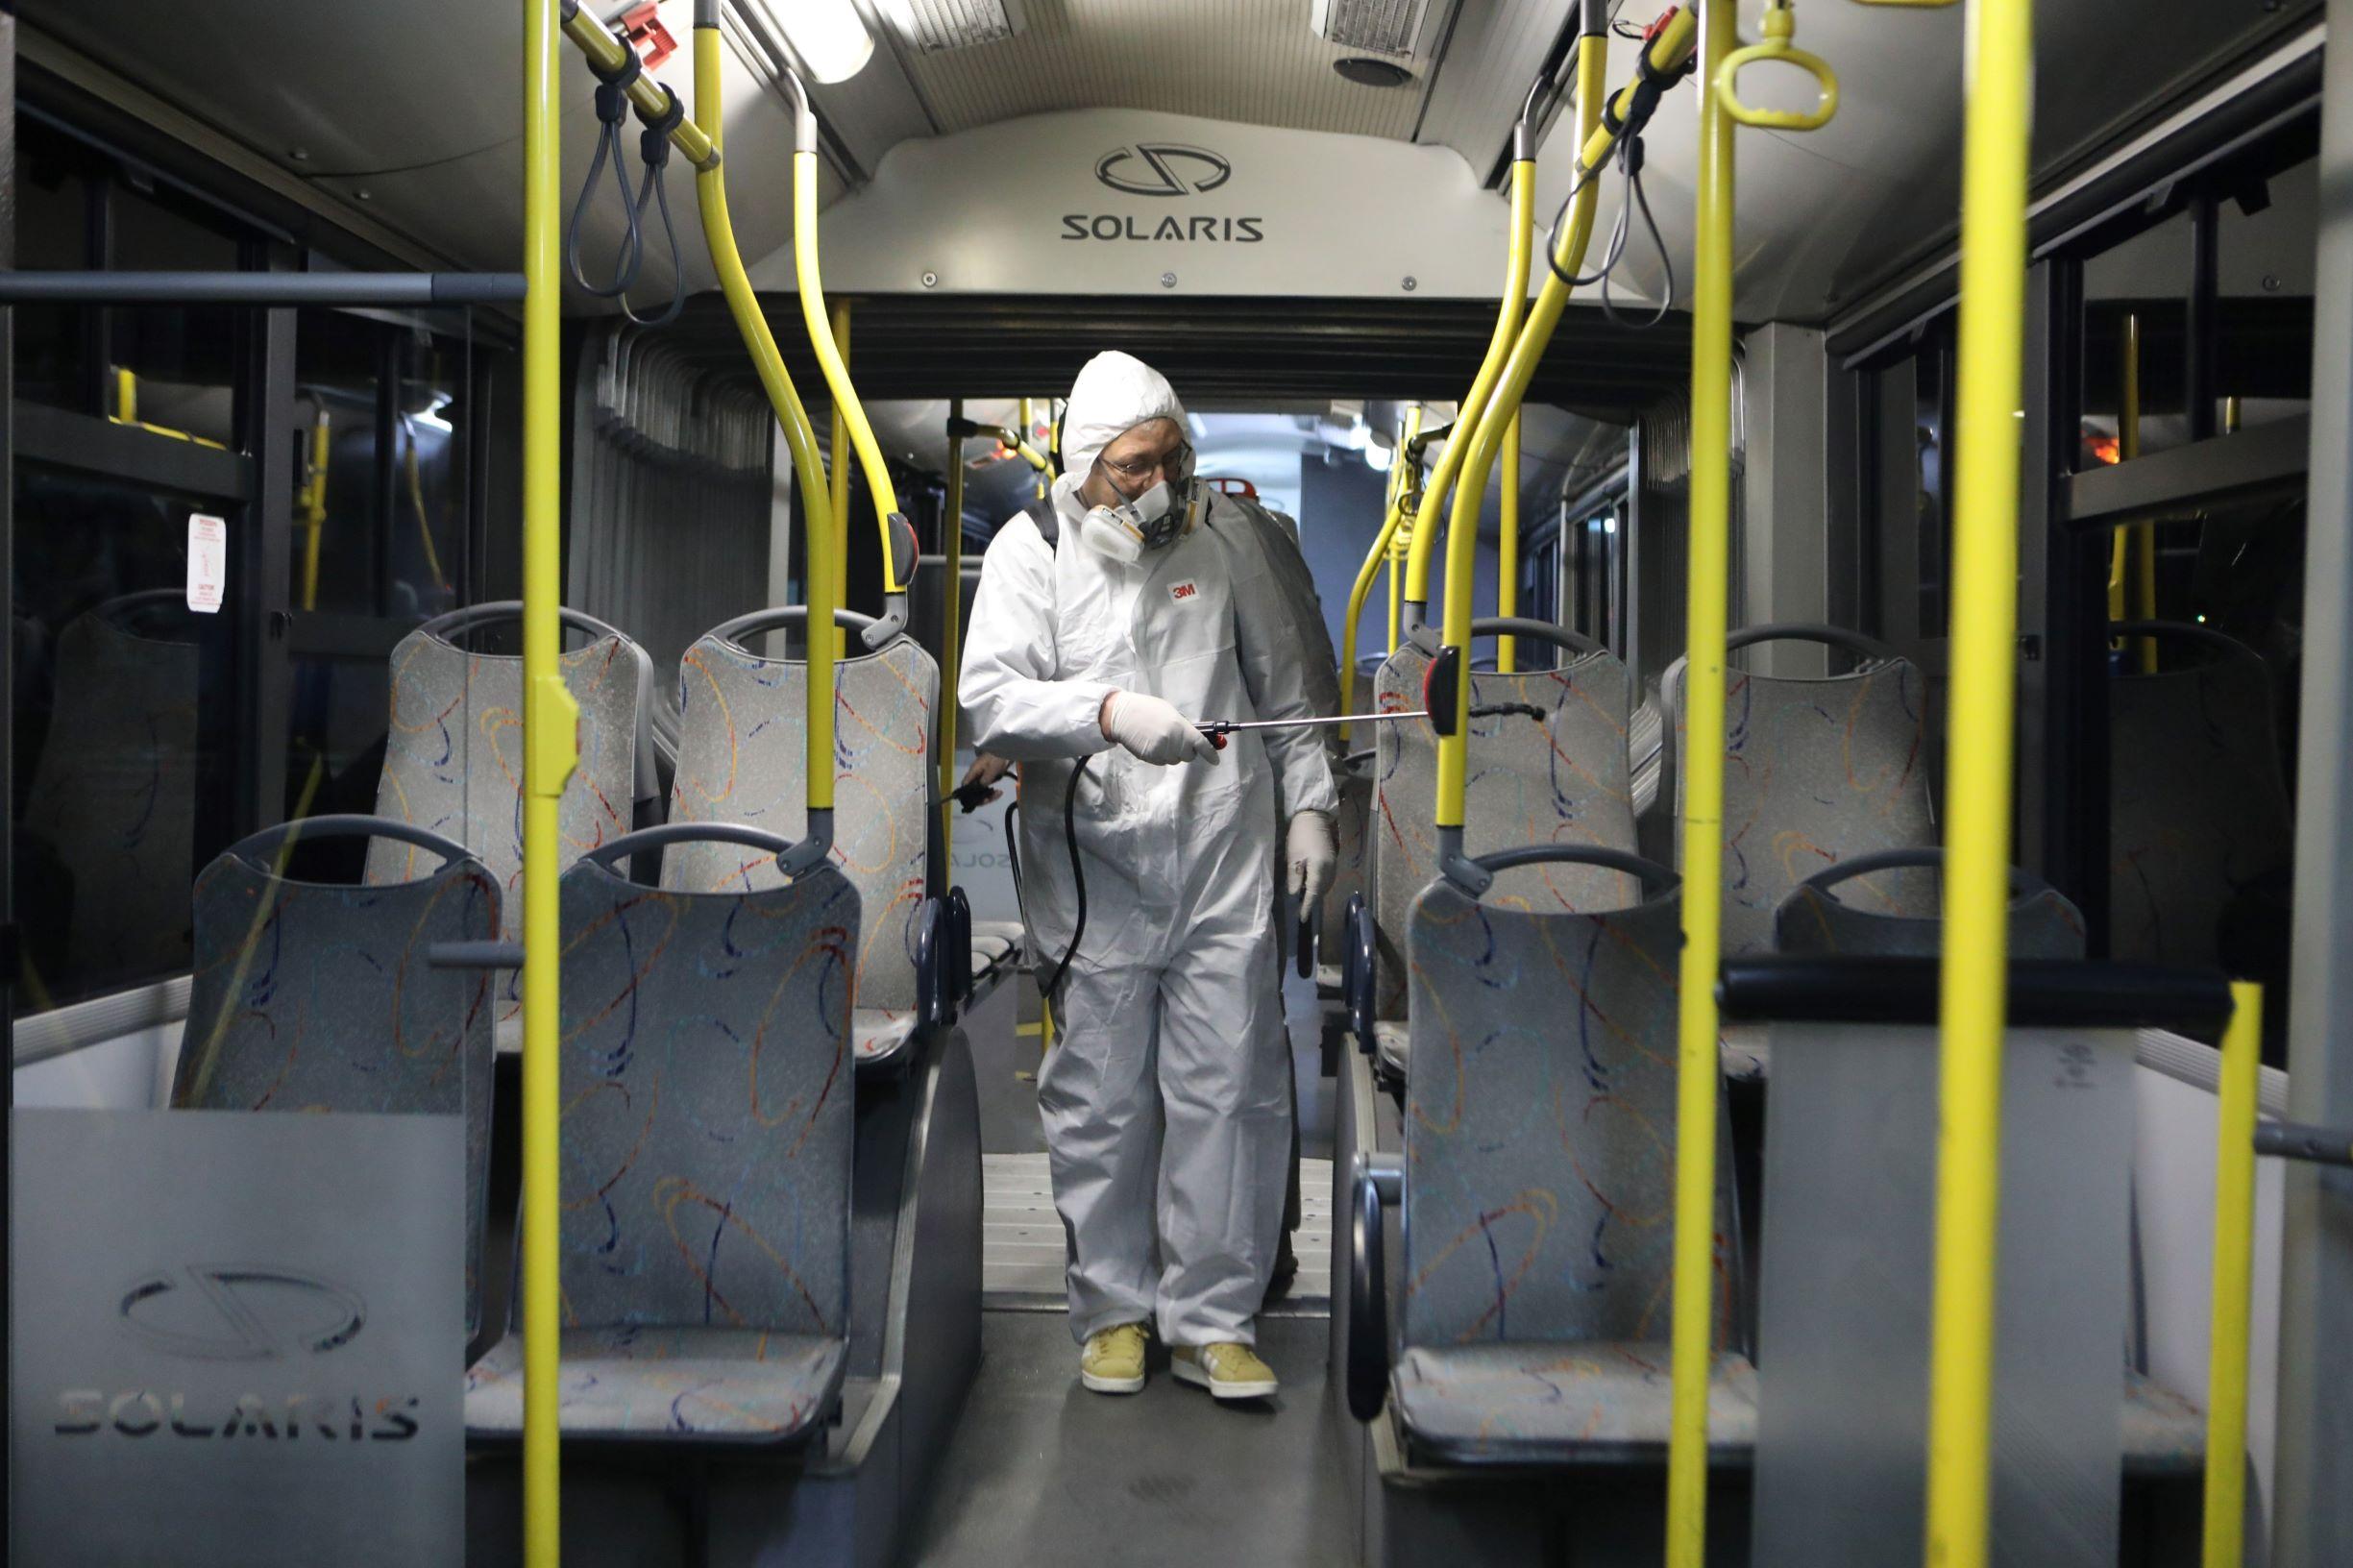 Κορονοϊός: Συμπληρωματικά μέτρα για μέσα μεταφοράς και ταξί – Τι ισχύει για τους επιβάτες